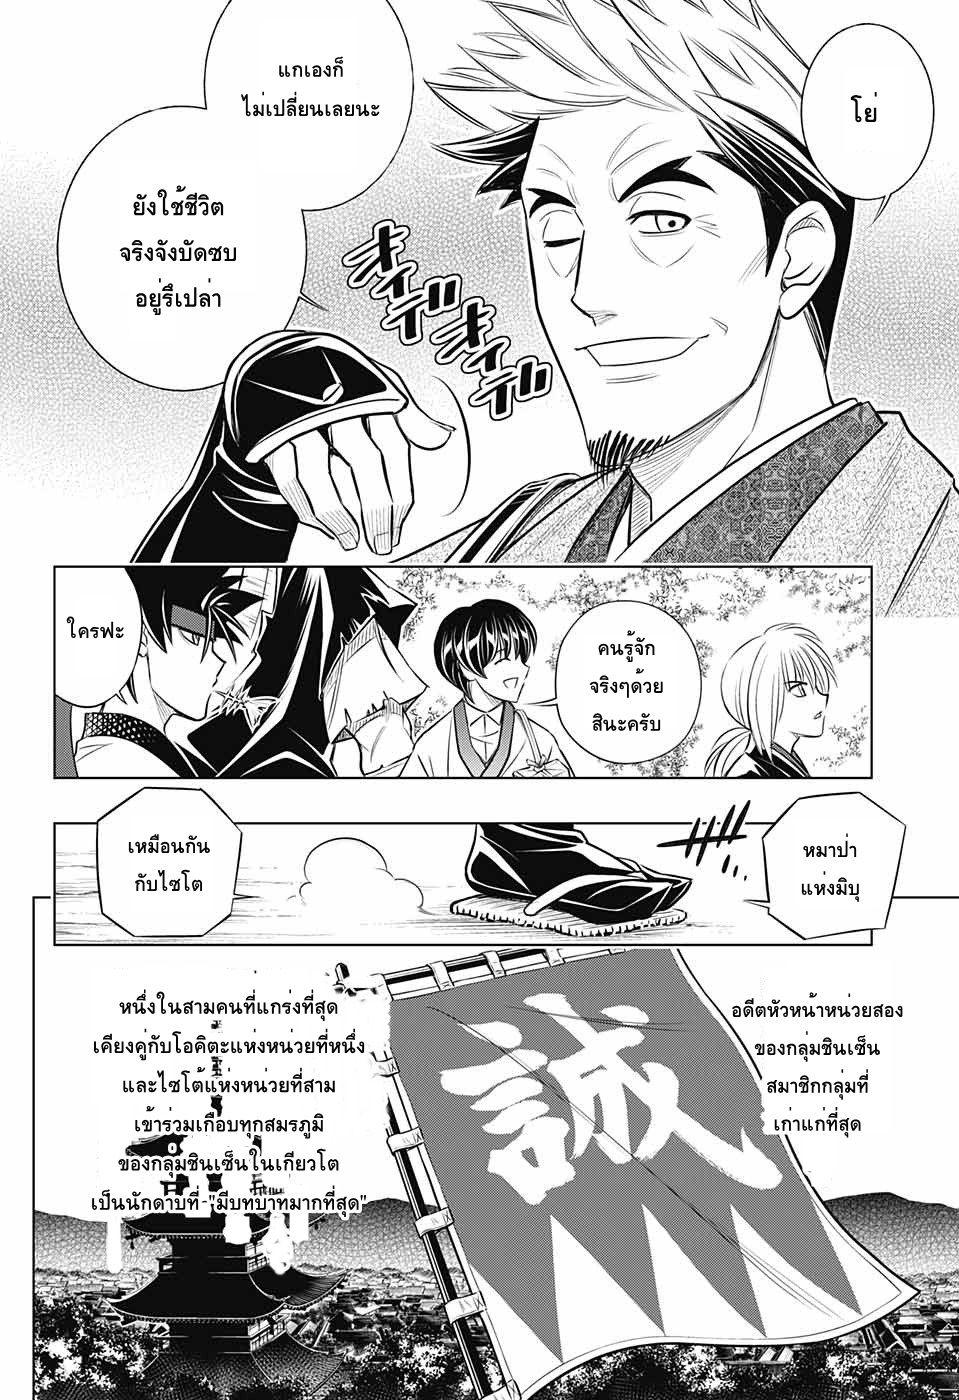 อ่านการ์ตูน Rurouni Kenshin: Hokkaido Arc ตอนที่ 14 หน้าที่ 20